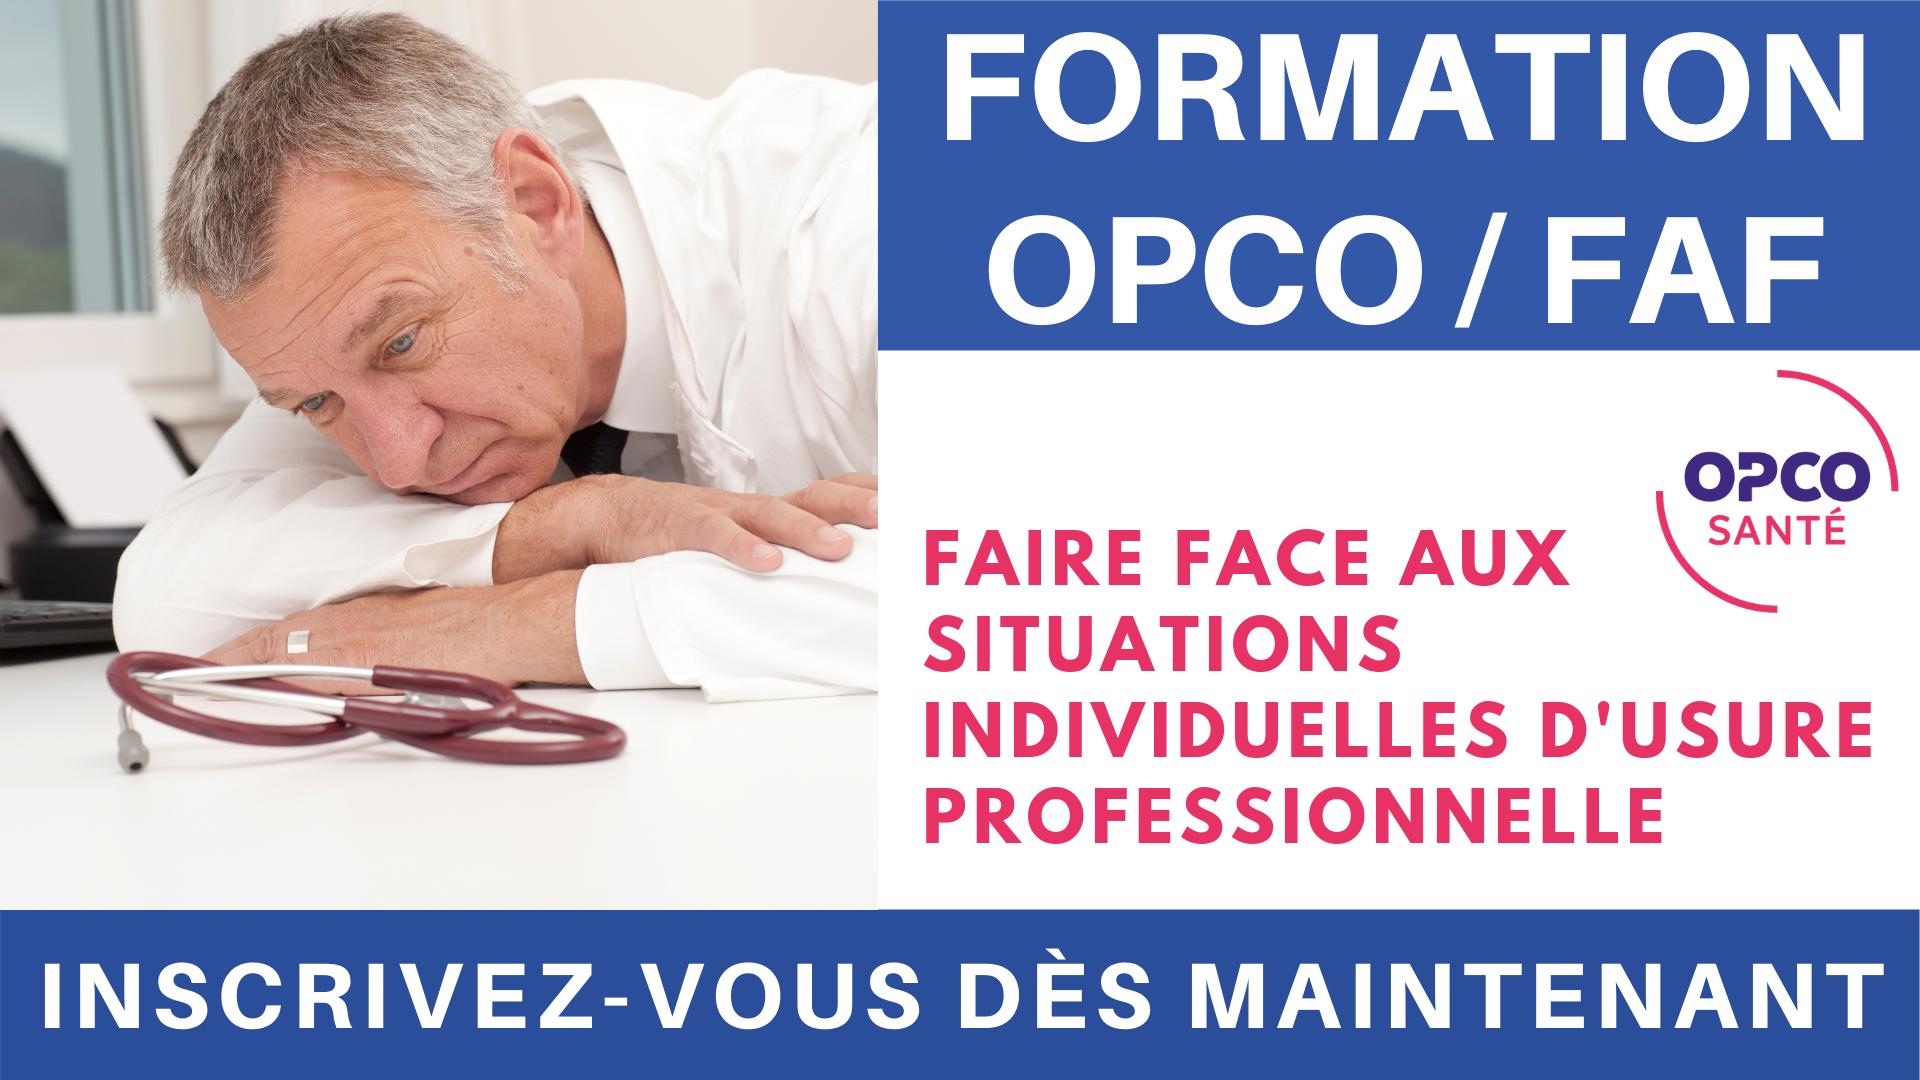 Vidéo - OPCO Santé - Usure pro